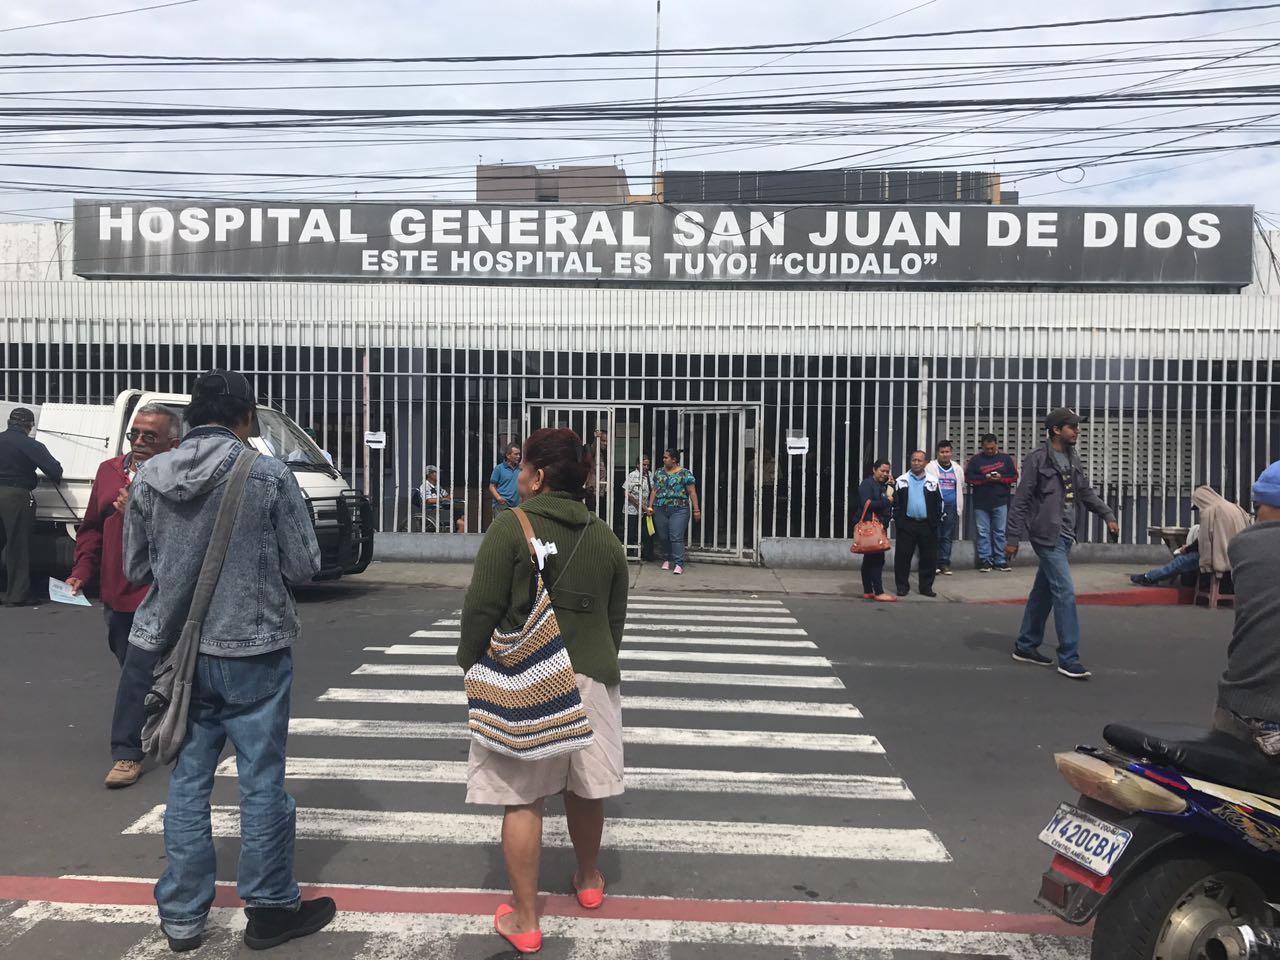 Hospital General San Juan de Dios restablece sus visitas